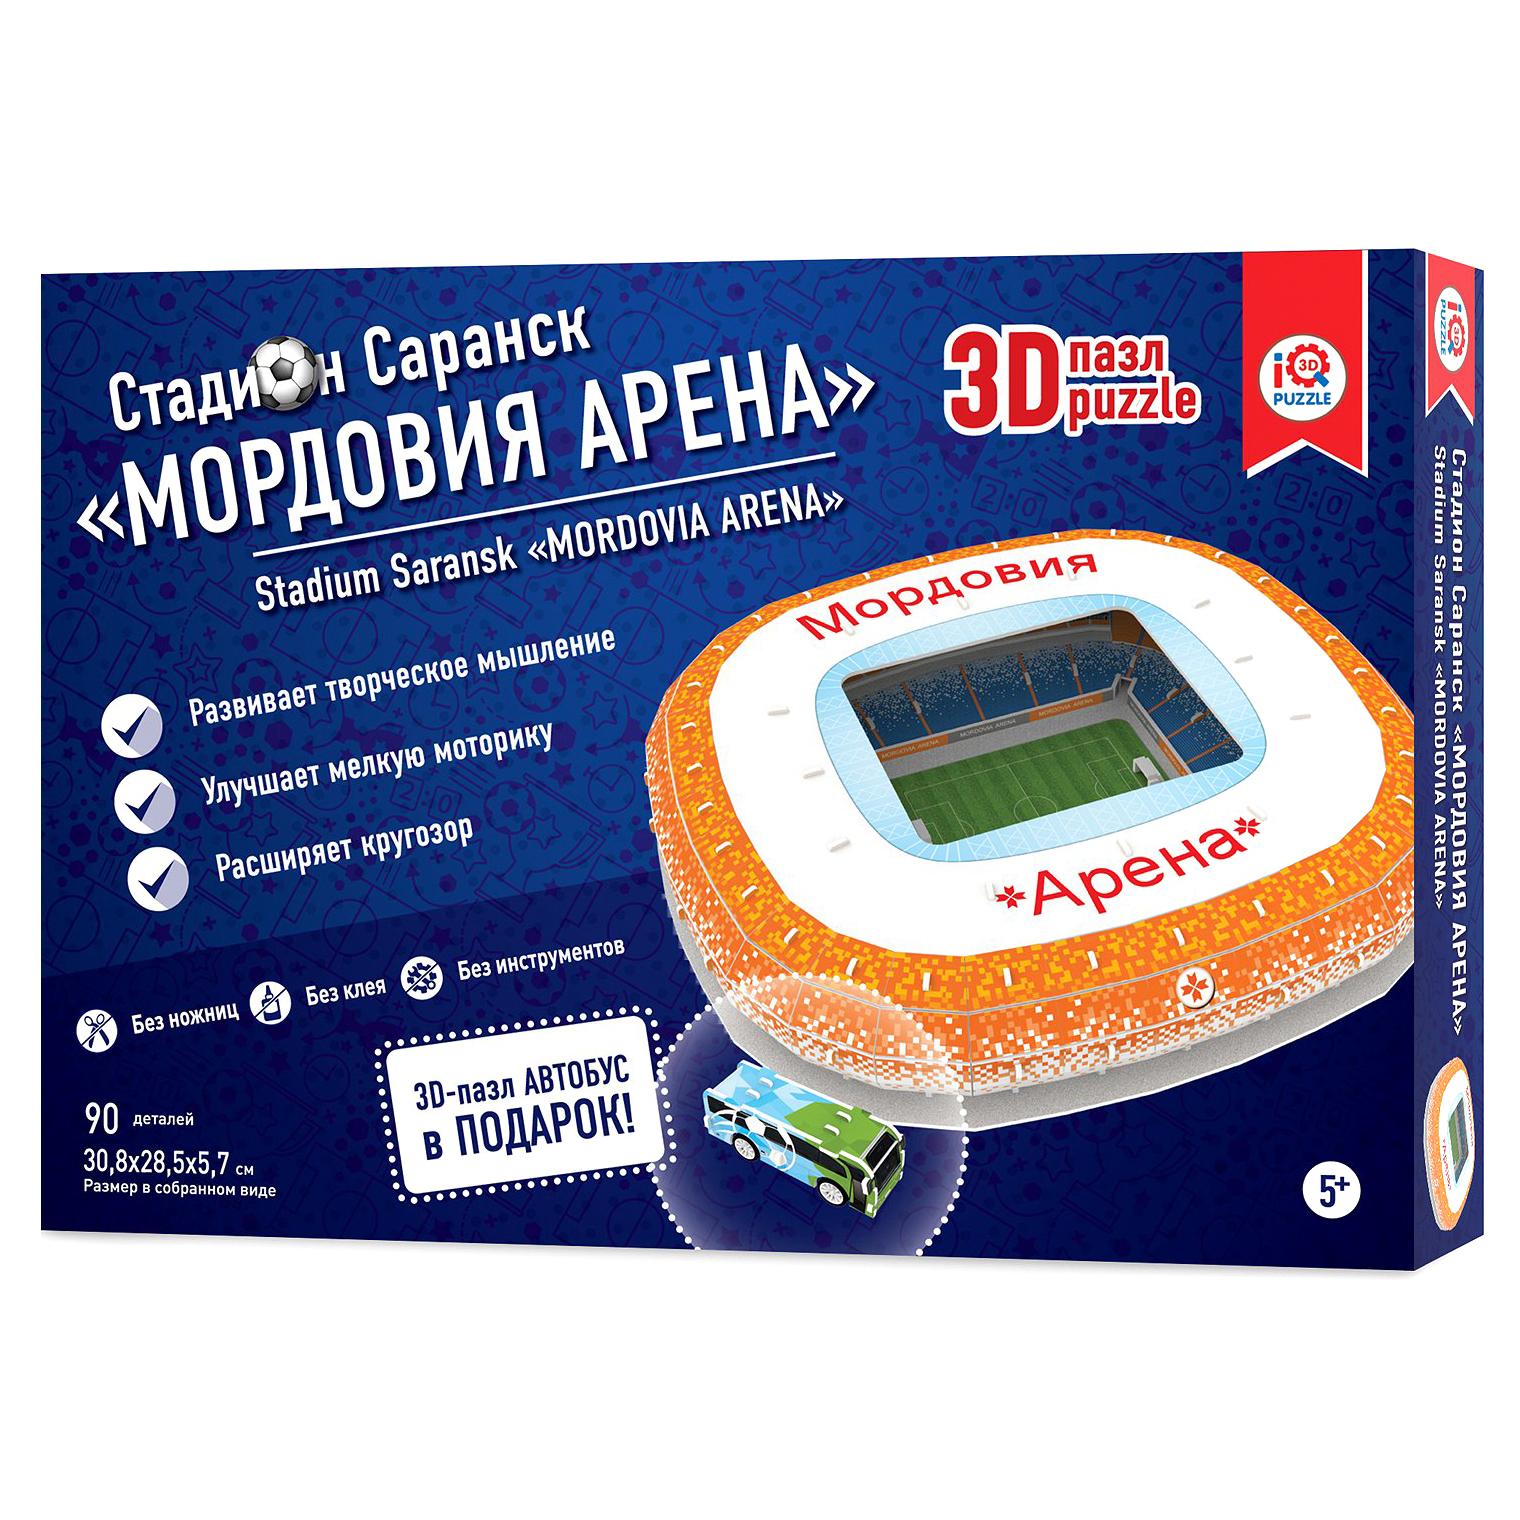 Пазл 3D IQ 3D PUZZLE Мордовия Арена Саранск 16548